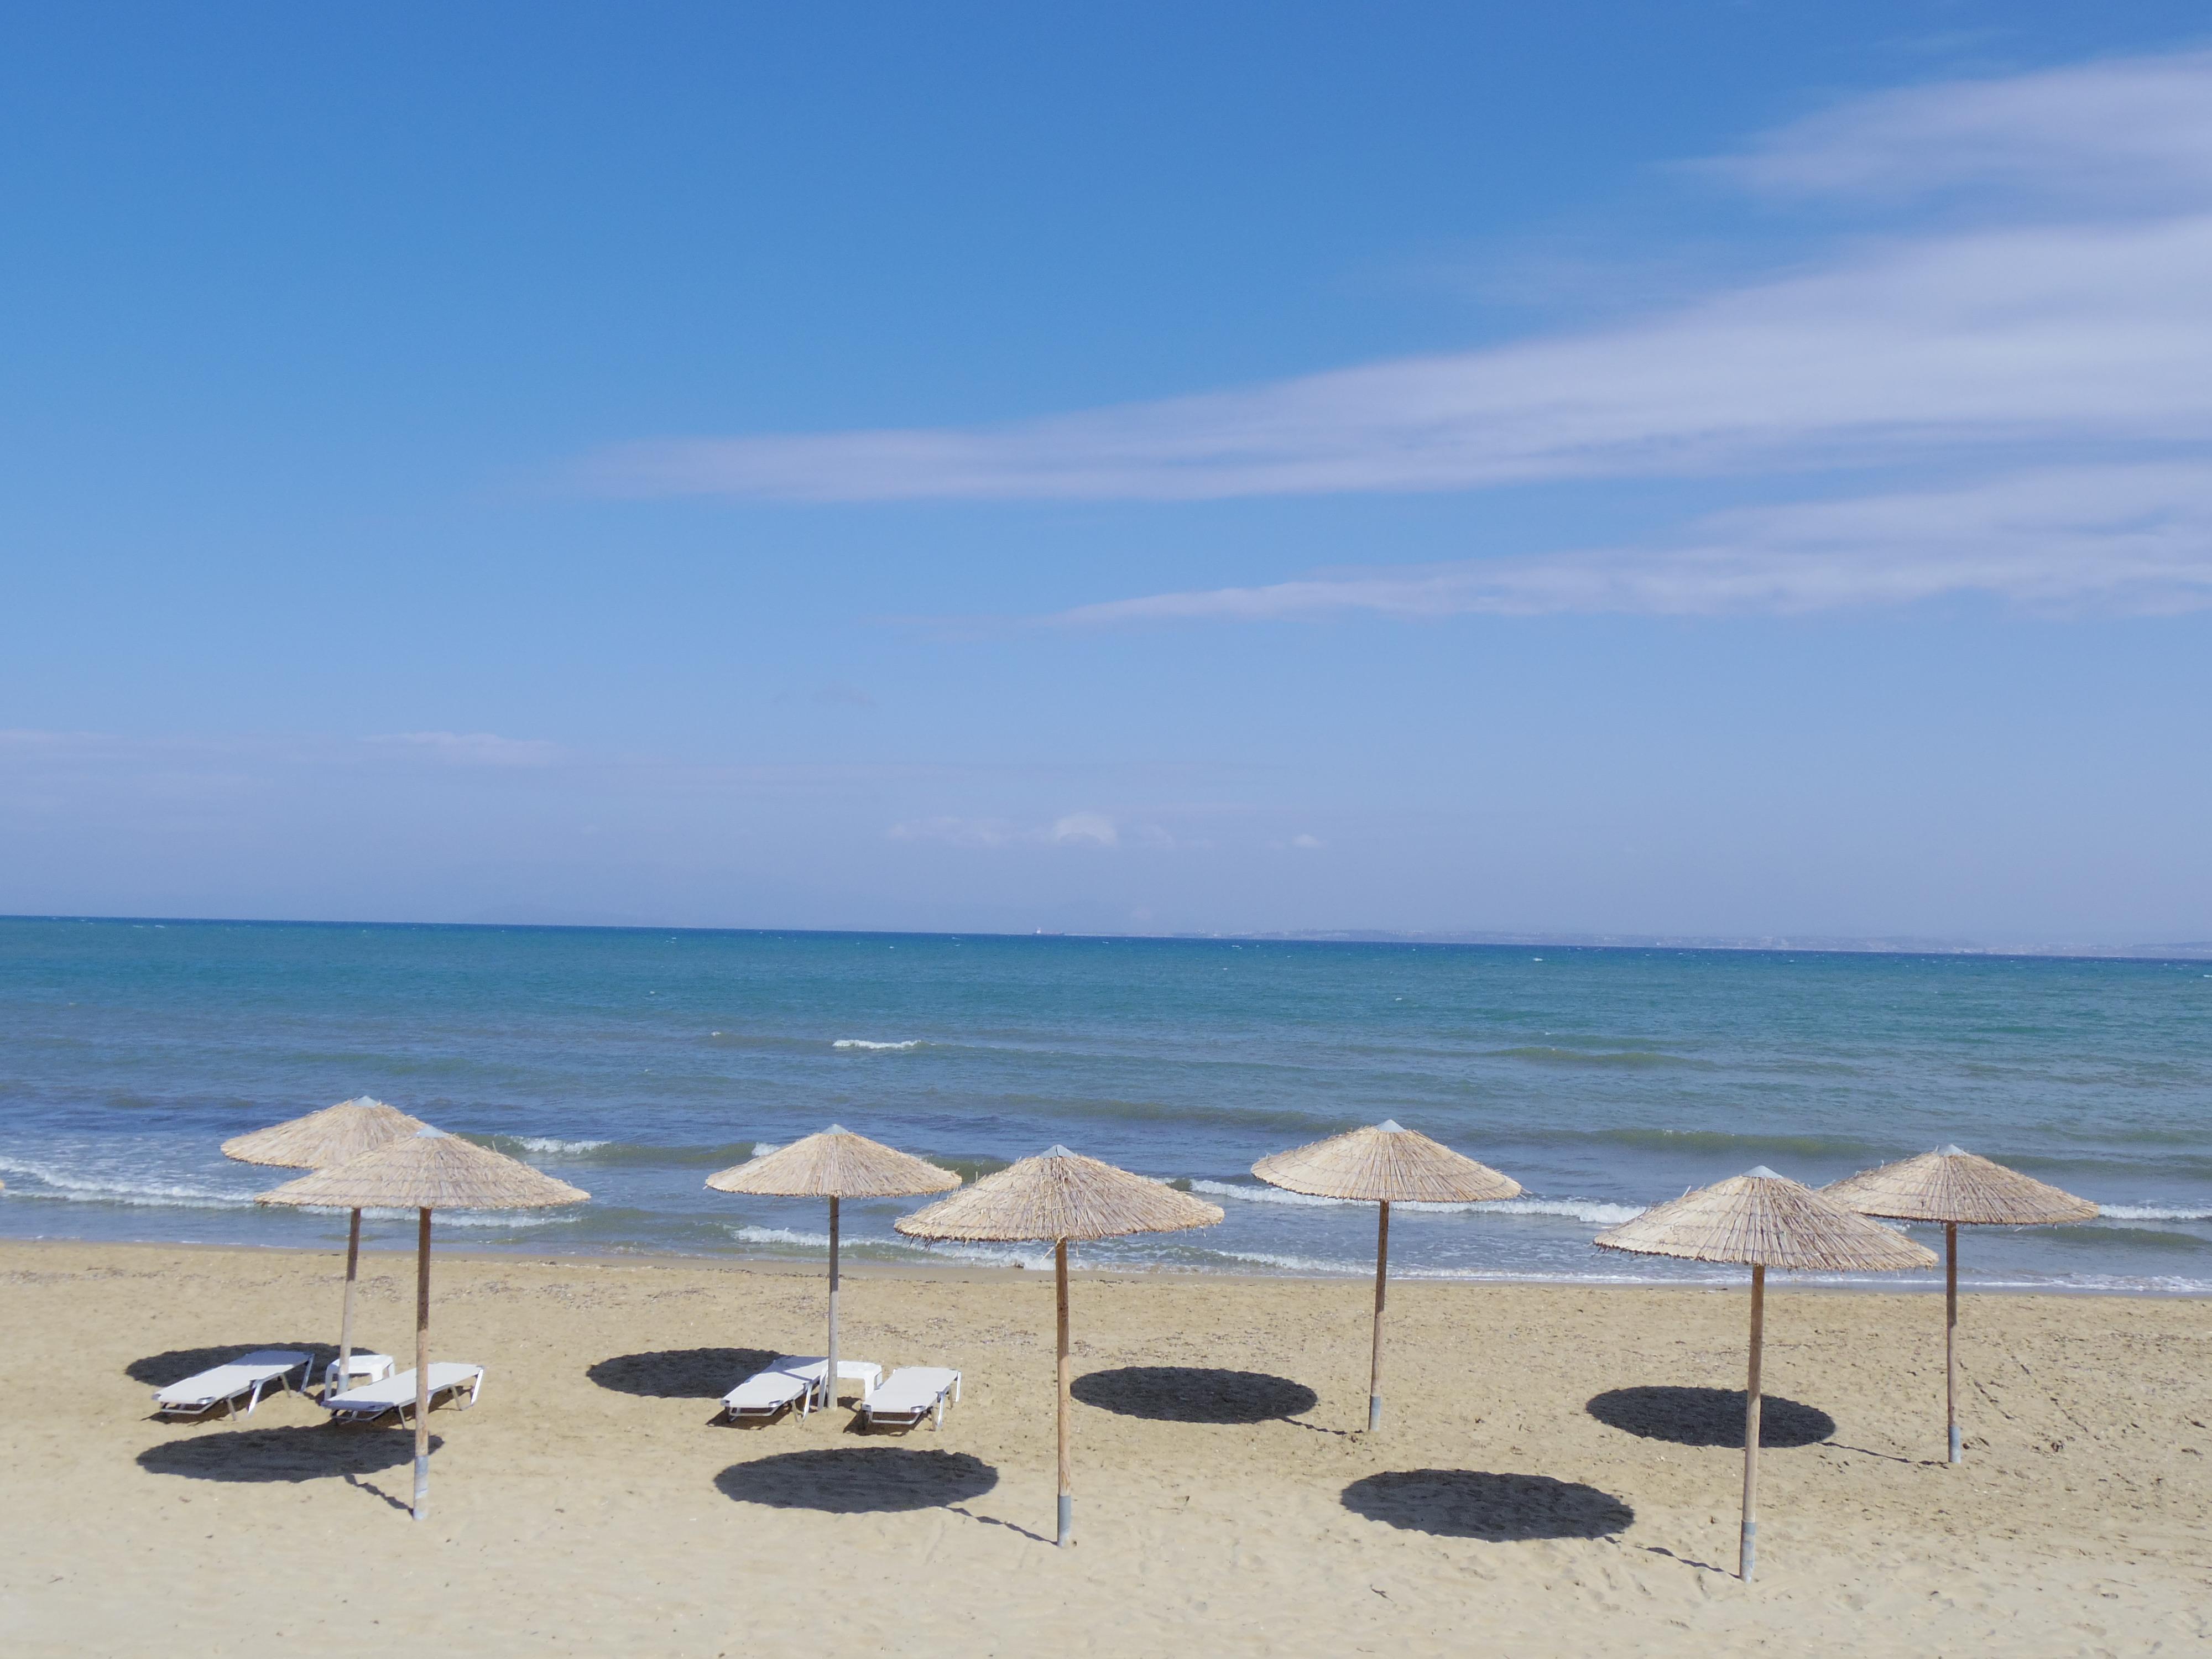 ギリシャ・キオス島に上陸!タクシーすらなくて宿にたどり着けない・・・